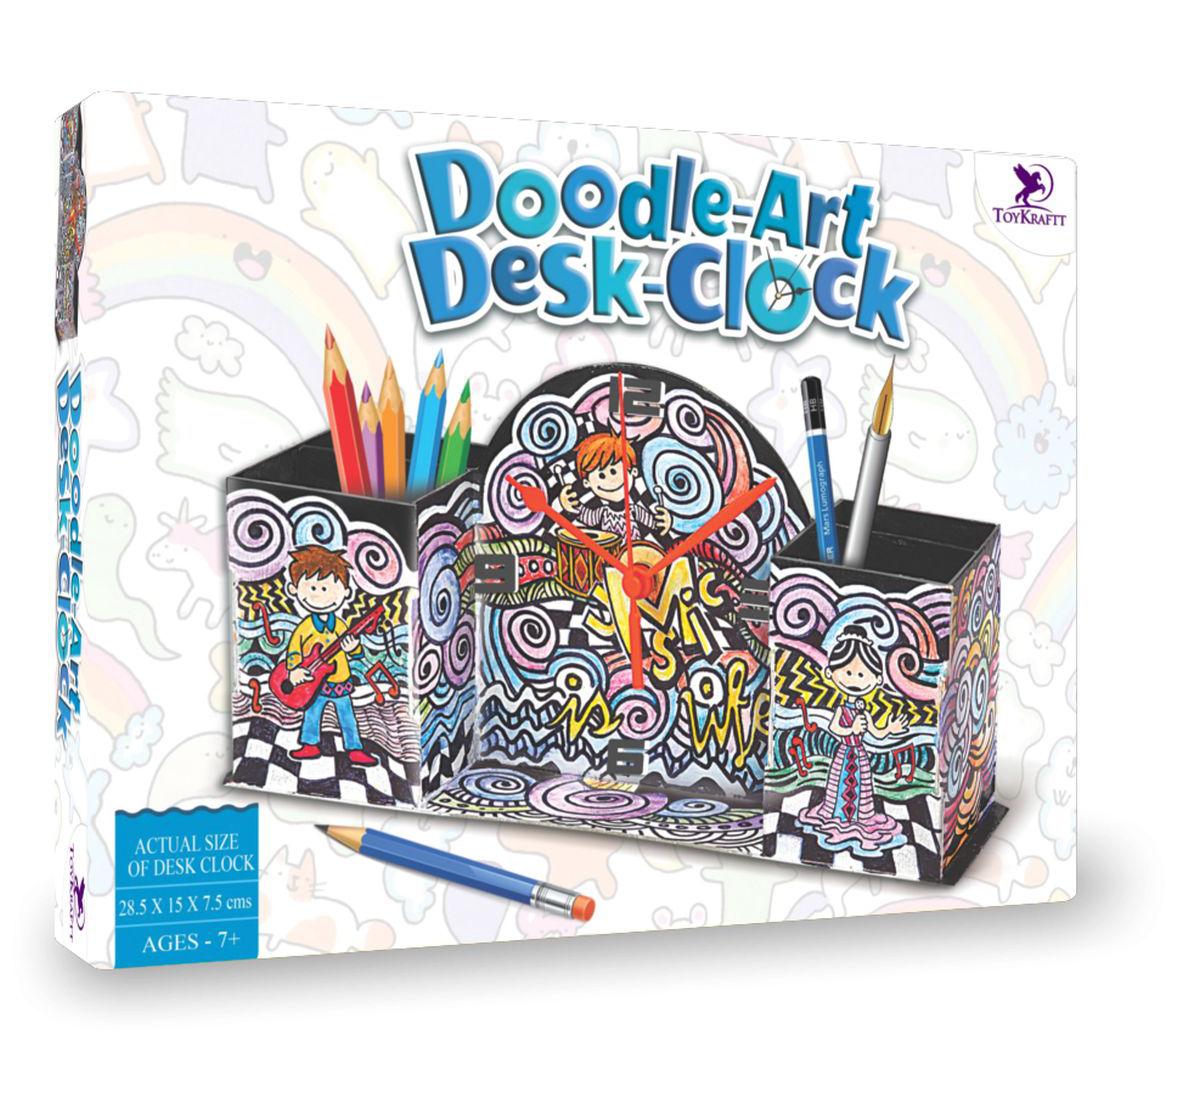 Toy Kraft | Toy Kraft Doodle Design - Desk Clock, Multicolor, 7Y+